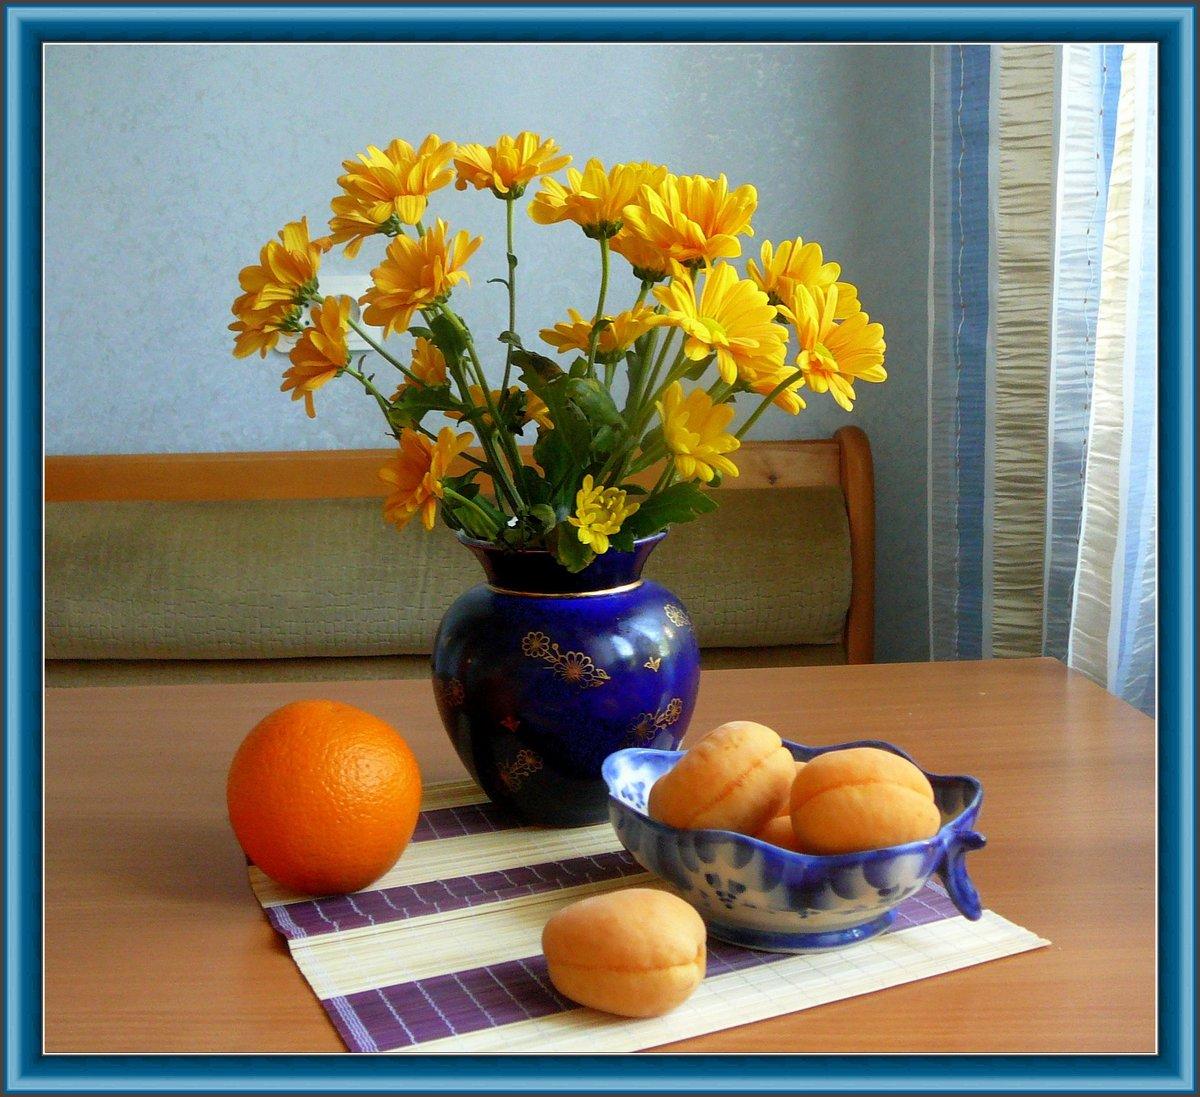 семена как фотографировать натюрморт в домашних условиях учиться